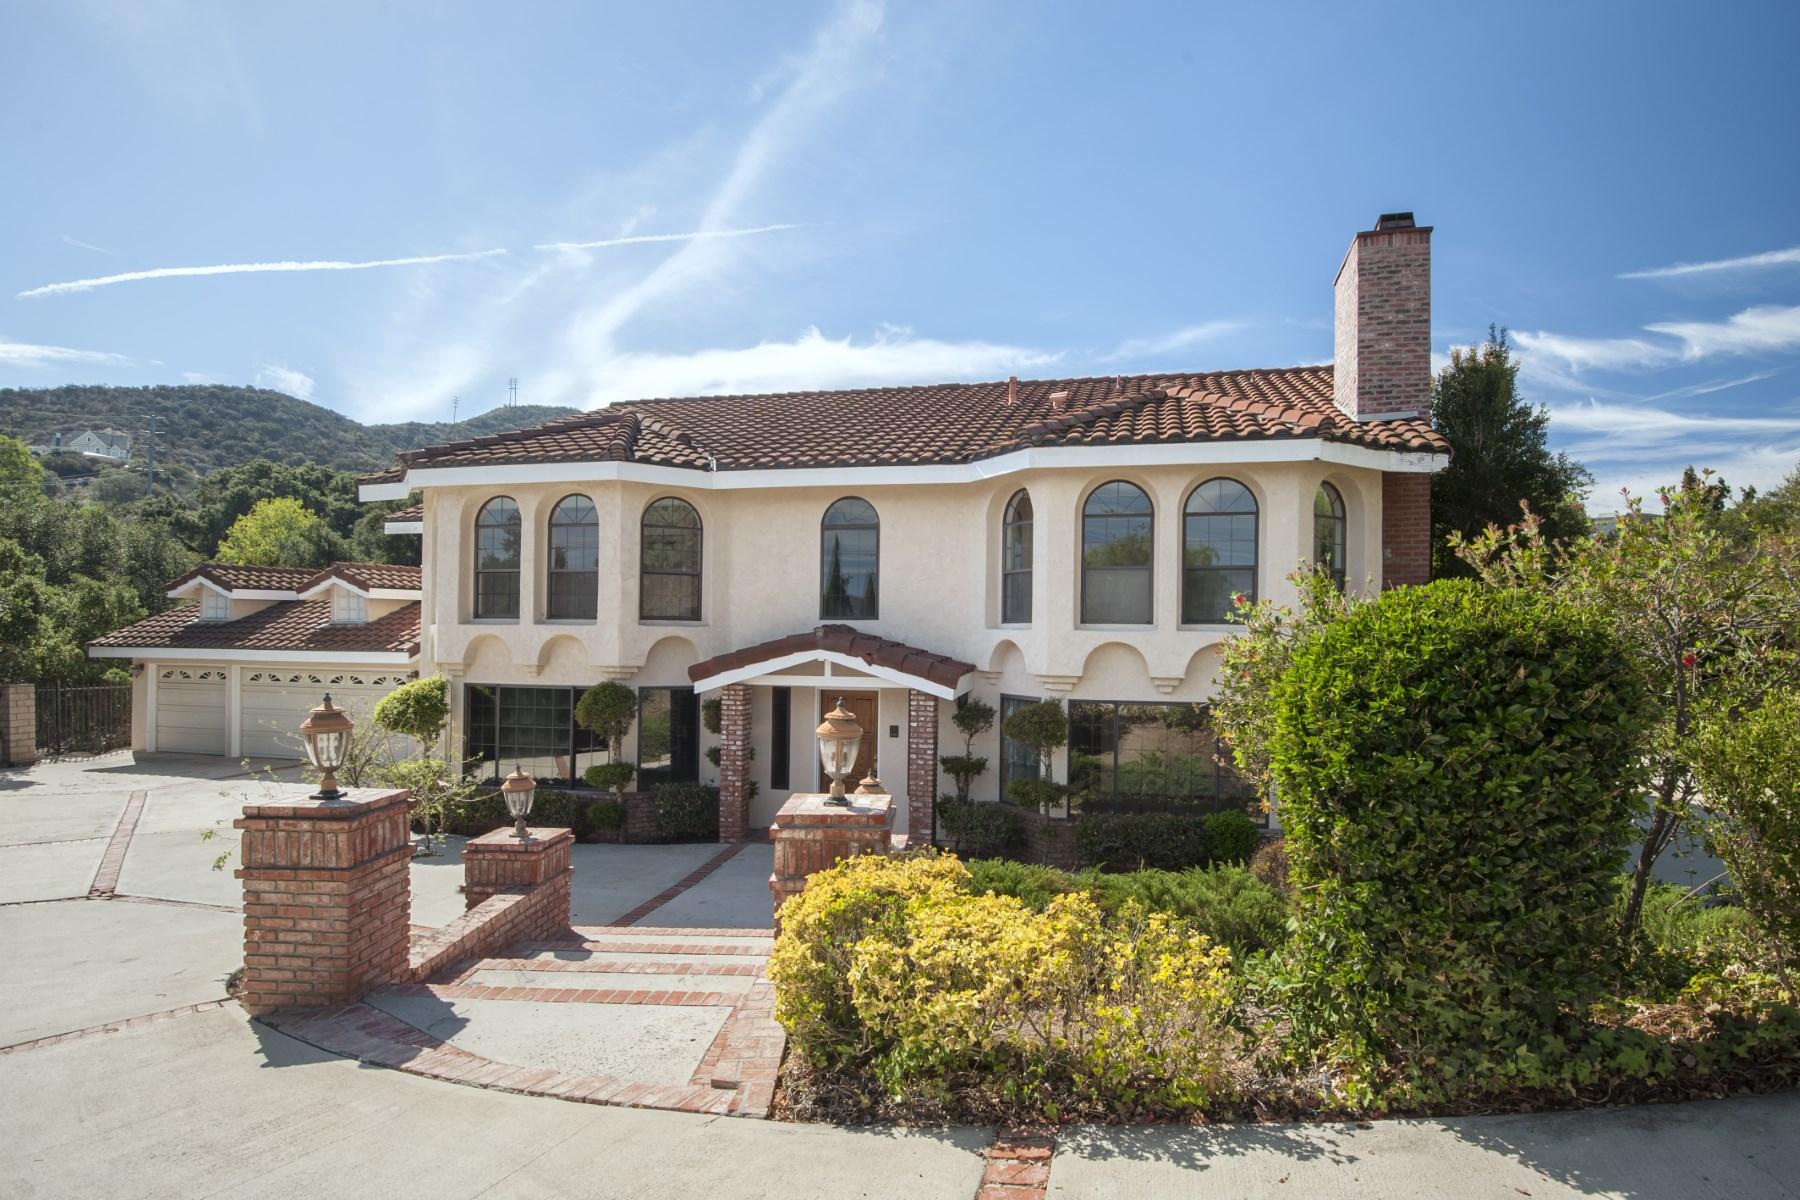 Moradia para Venda às www.328ScarboroughSt.com 328 Scarborough Street Thousand Oaks, Califórnia 91361 Estados Unidos